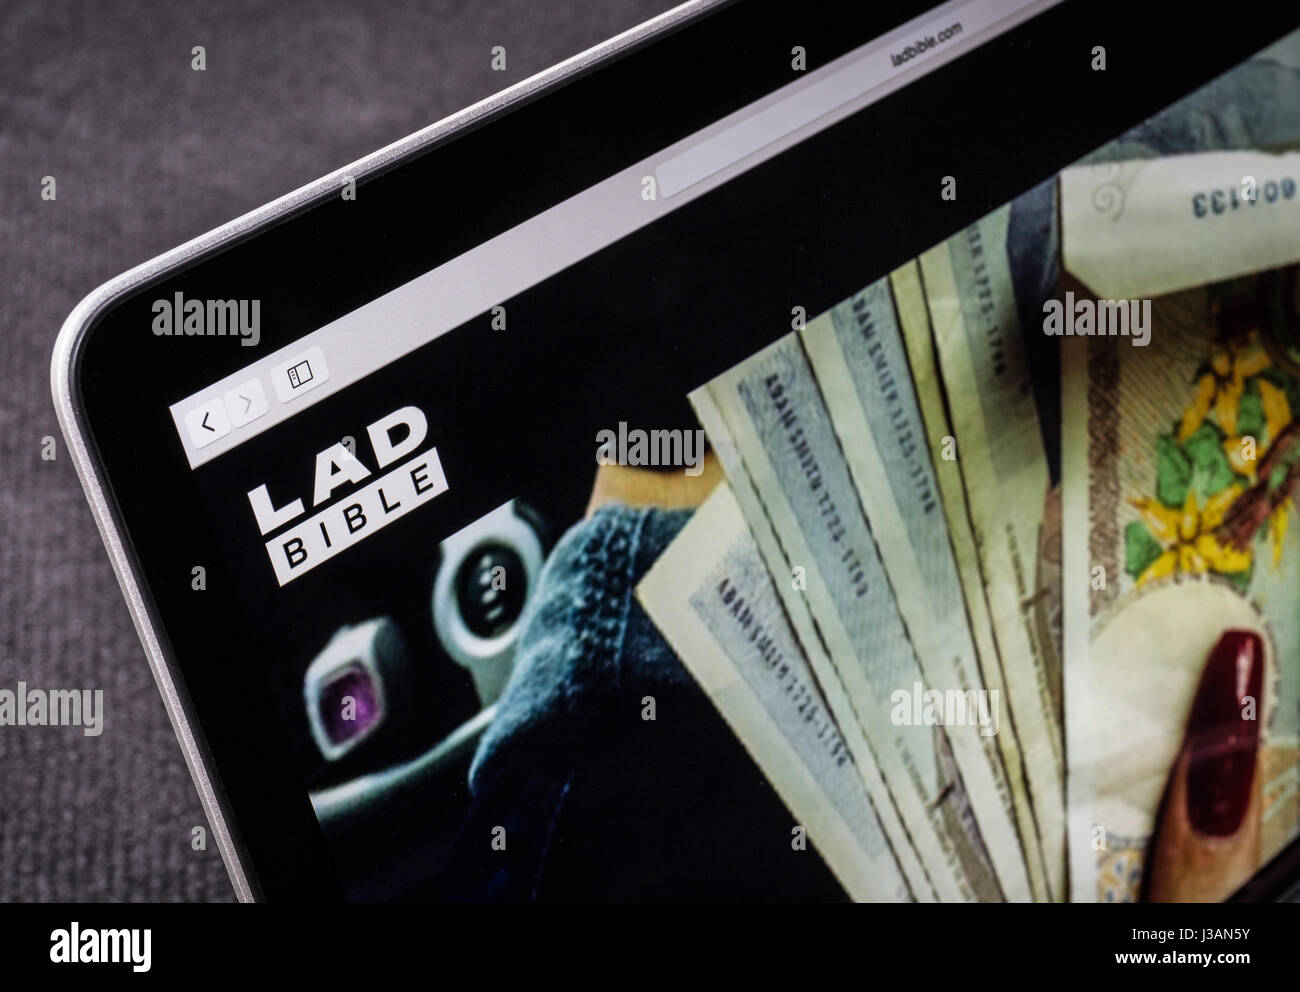 Lad Ladbible.com Bibbia sito web Immagini Stock